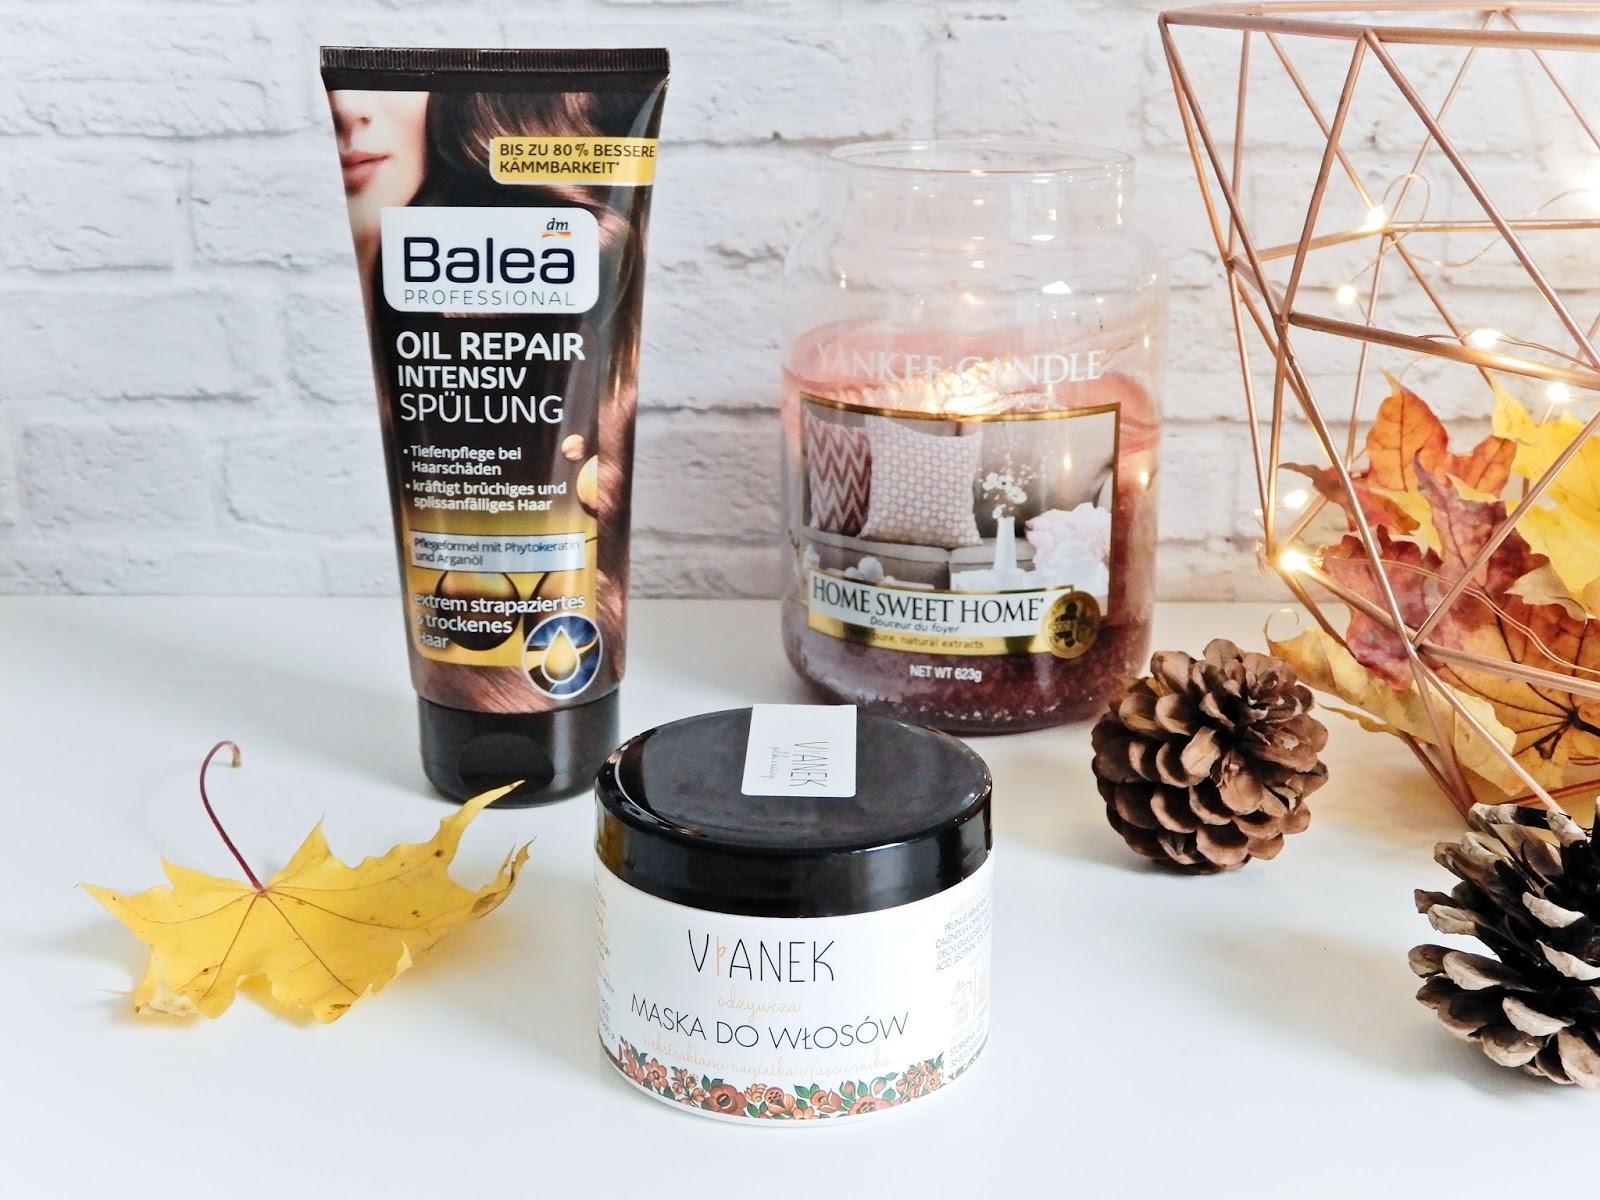 intensywną odżywkę z Balea z olejkiem arganowym i proteinami, odżywcza maska do włosów z Vianka,